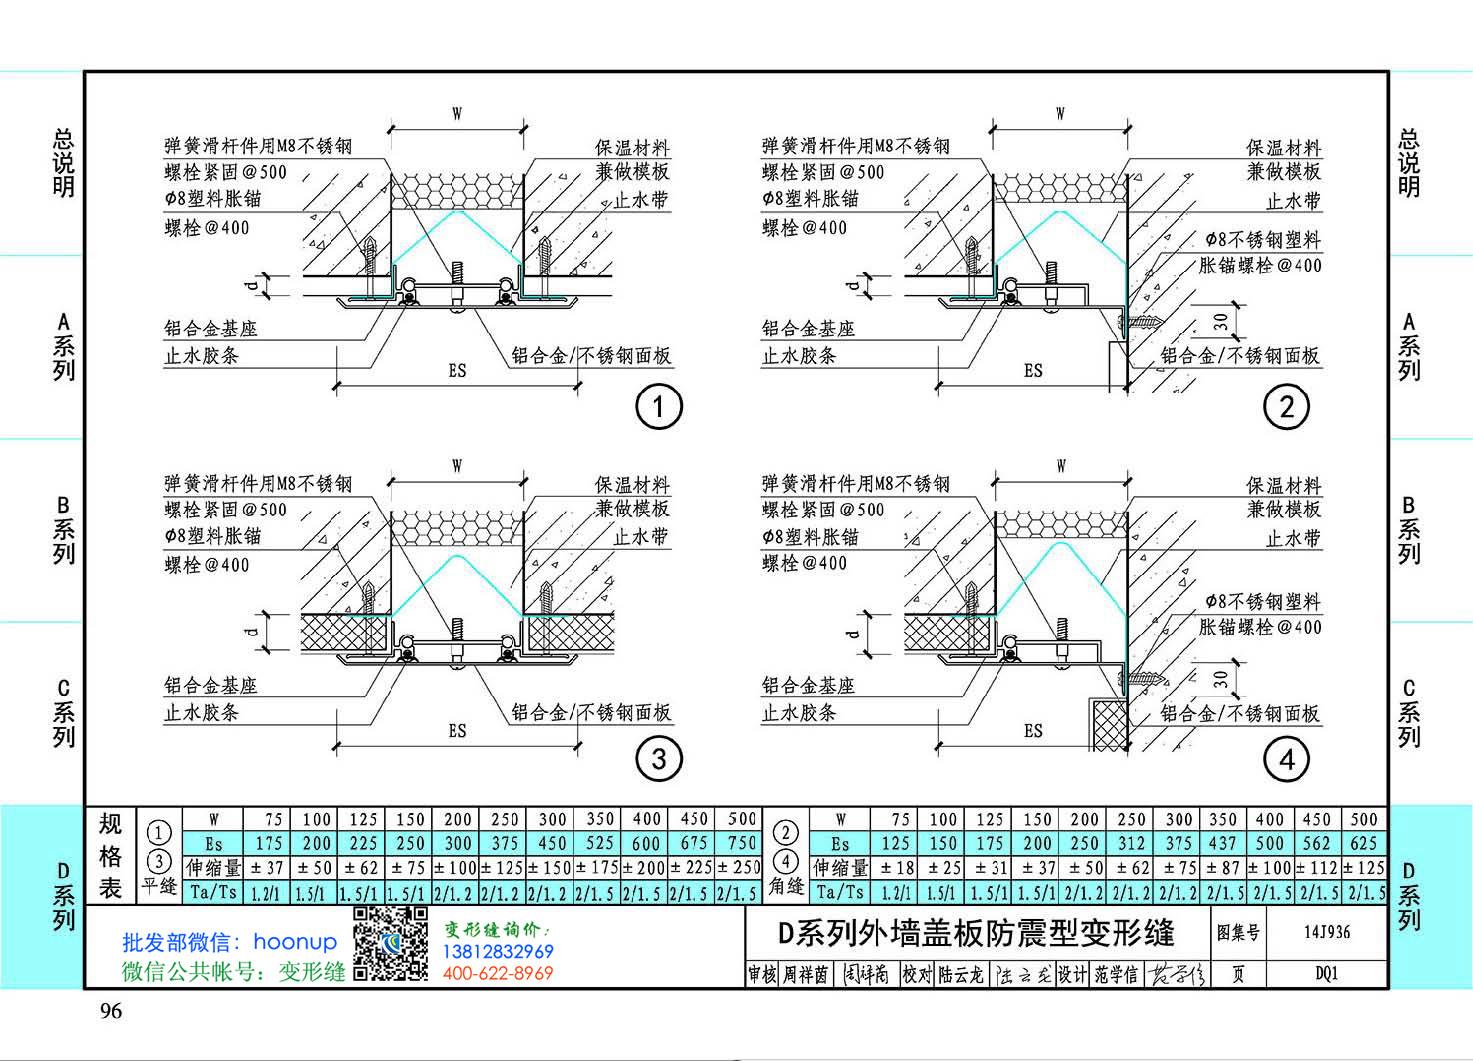 变形缝图集14J936DQ1-D系列外墙盖板防震型变形缝